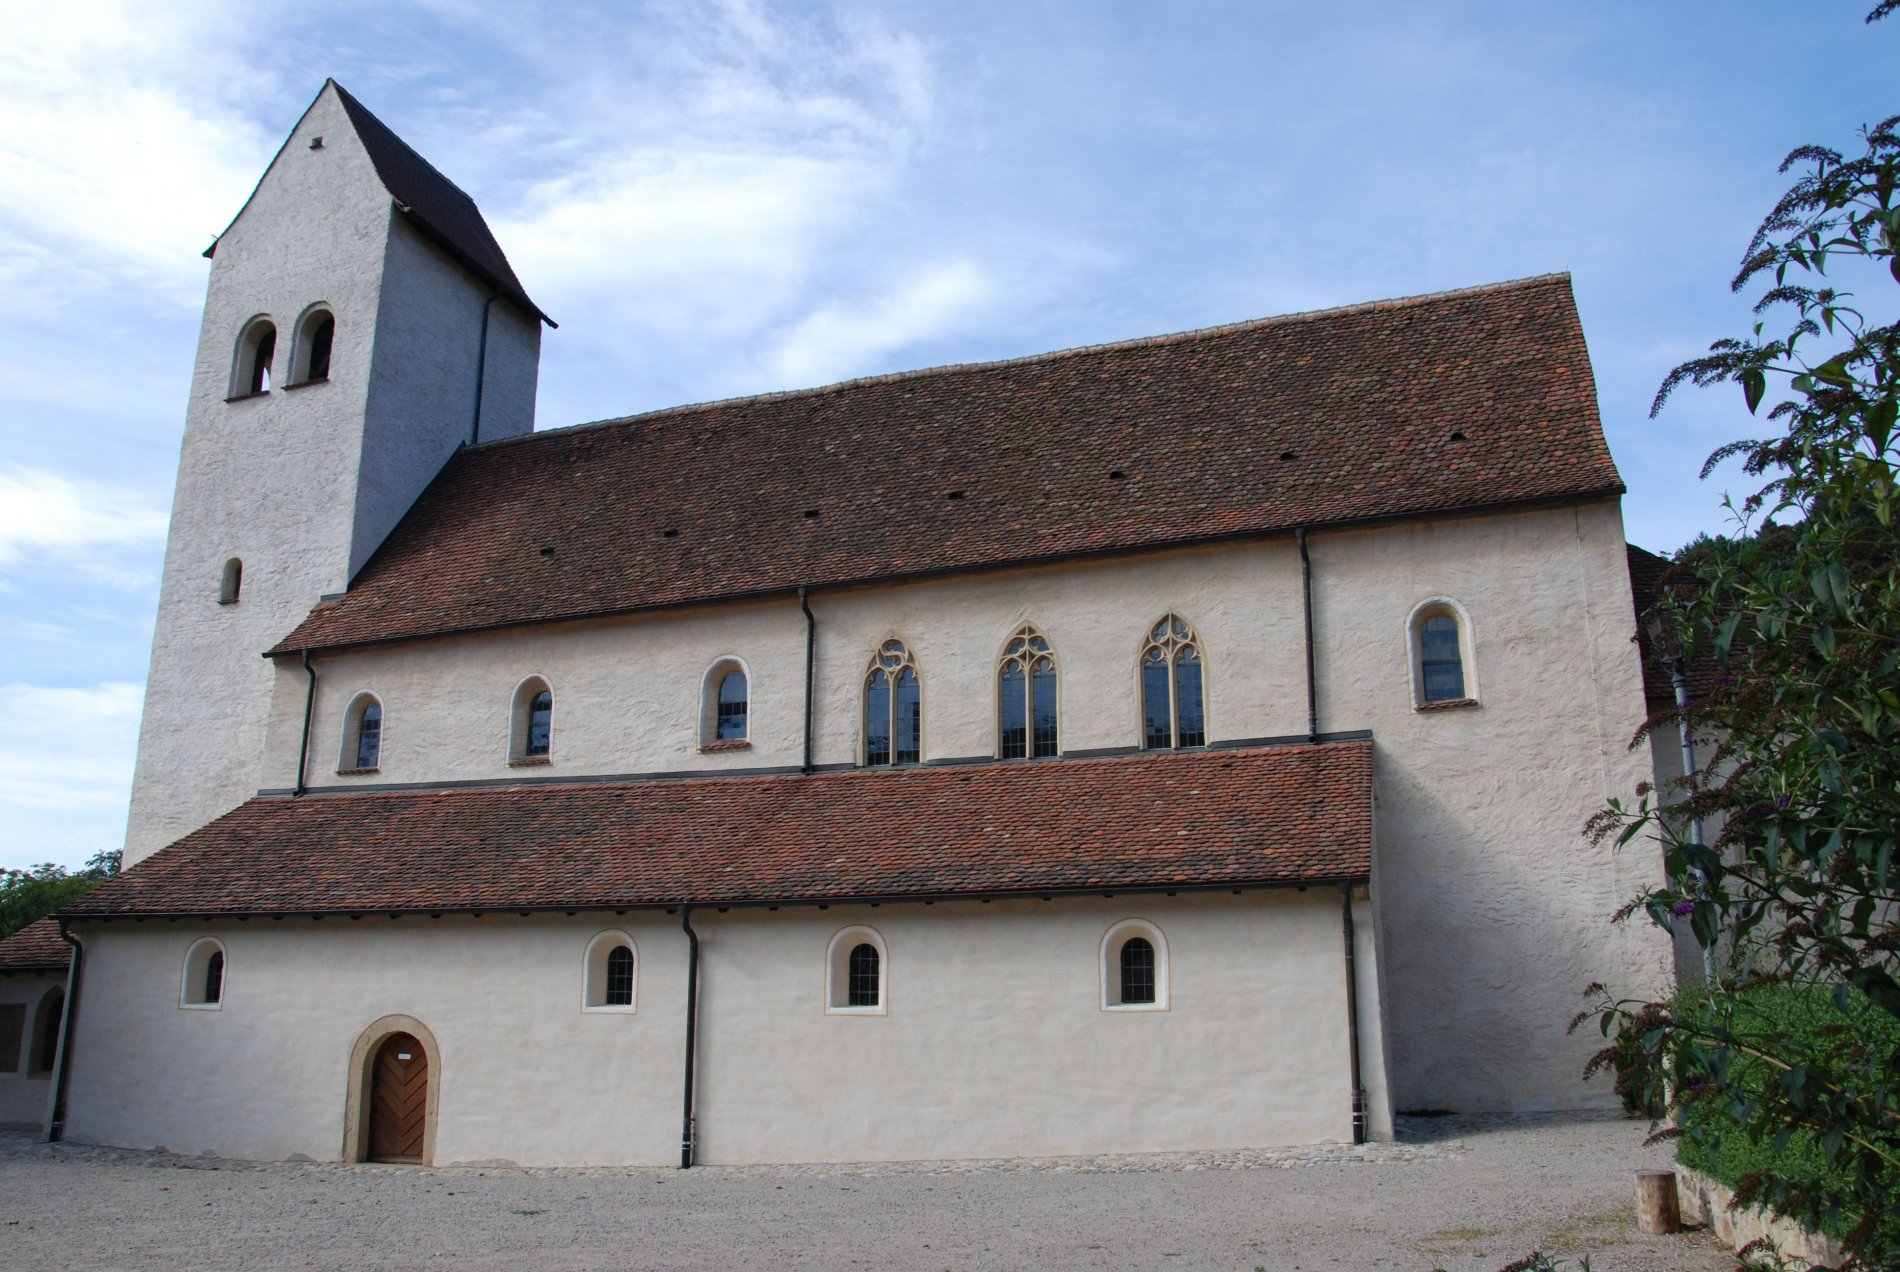 Die Außenansicht der Kirche St. Cyriak in Sulzburg